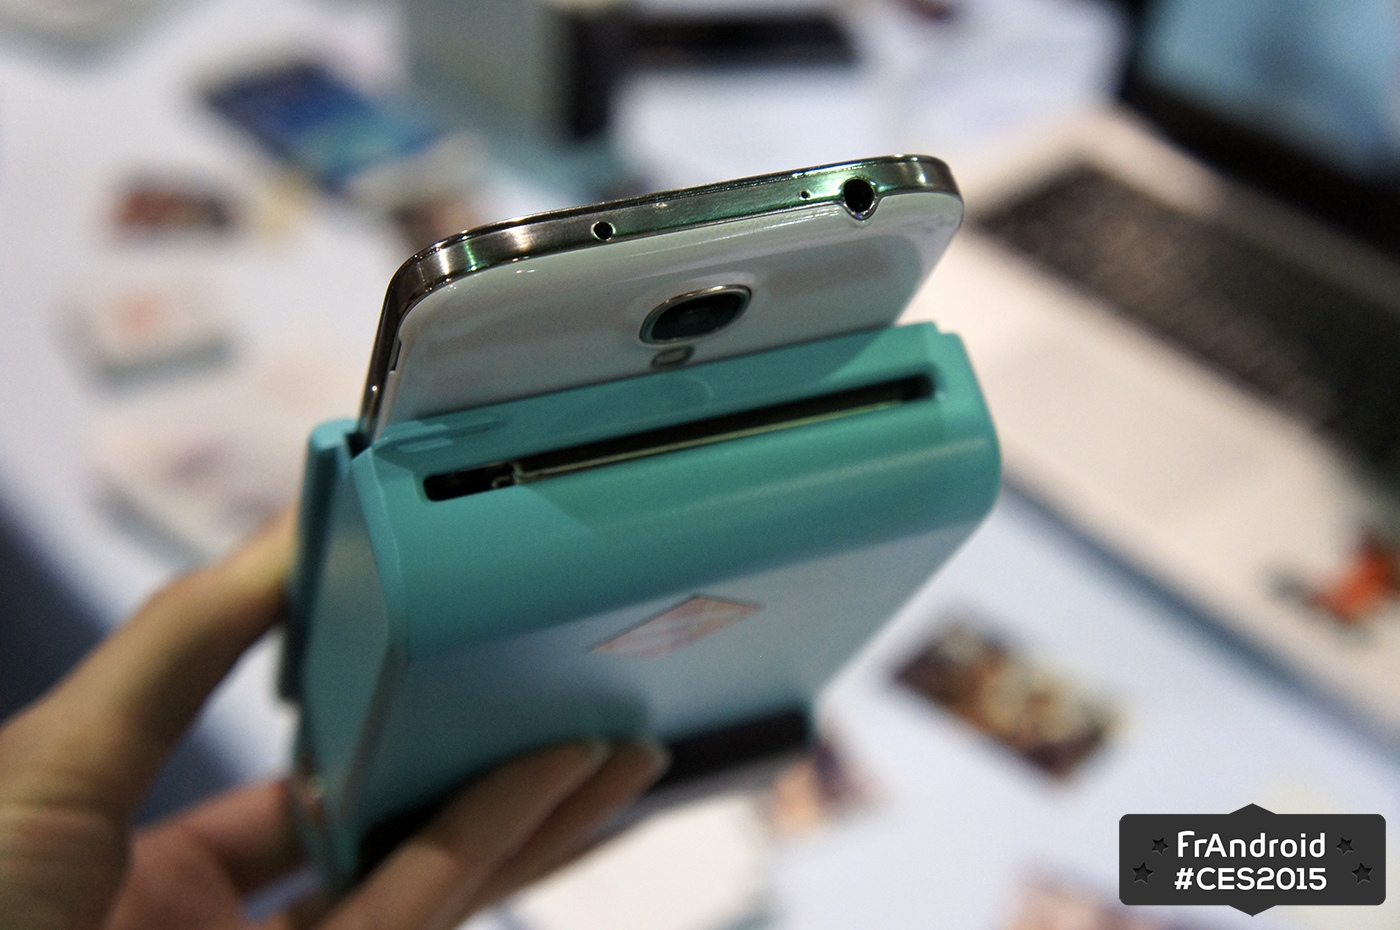 prynt est une coque qui transforme votre t l phone en imprimante photo frandroid